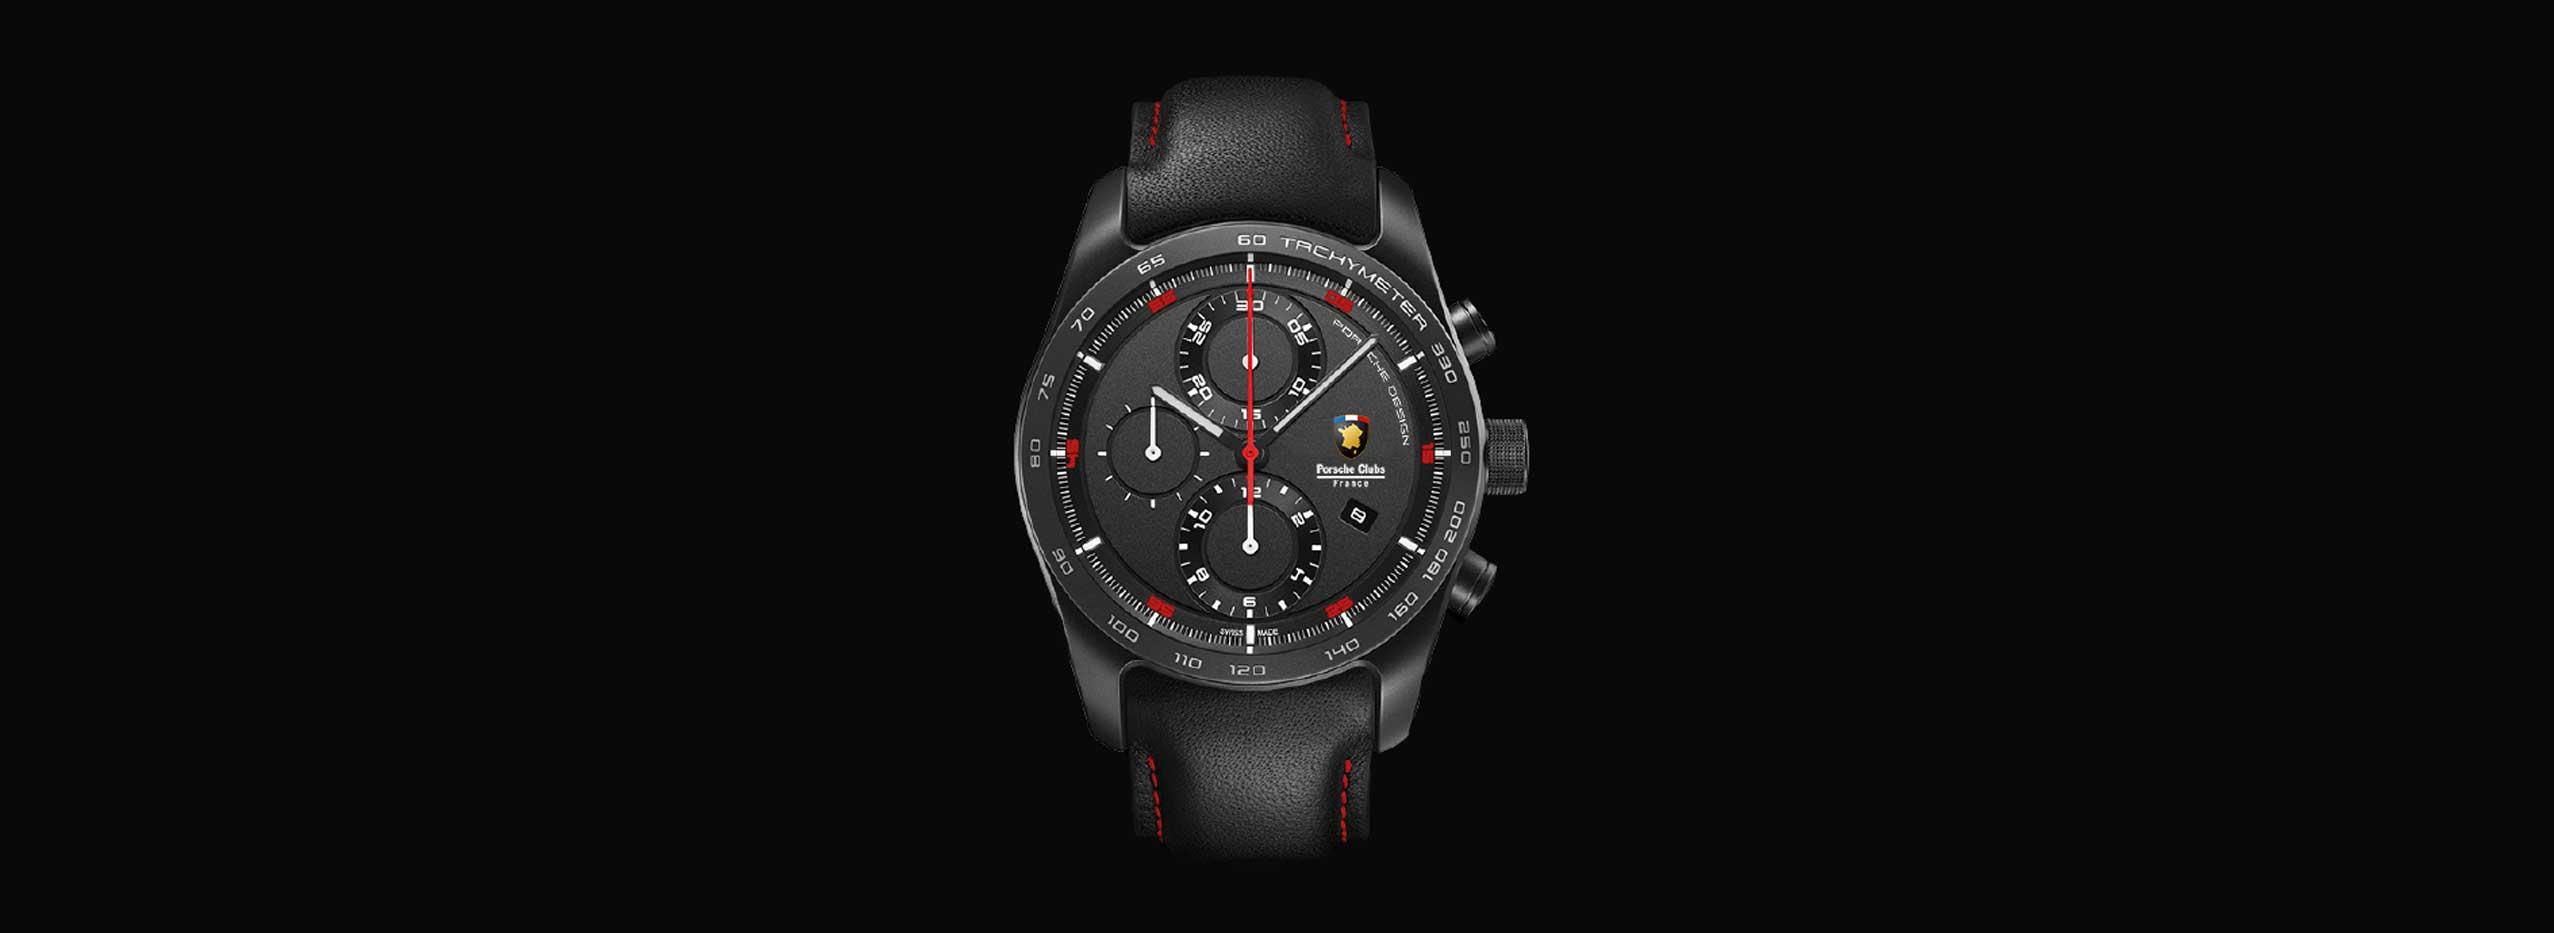 montre édition limitée porsche design timepieces fédération club porsche France